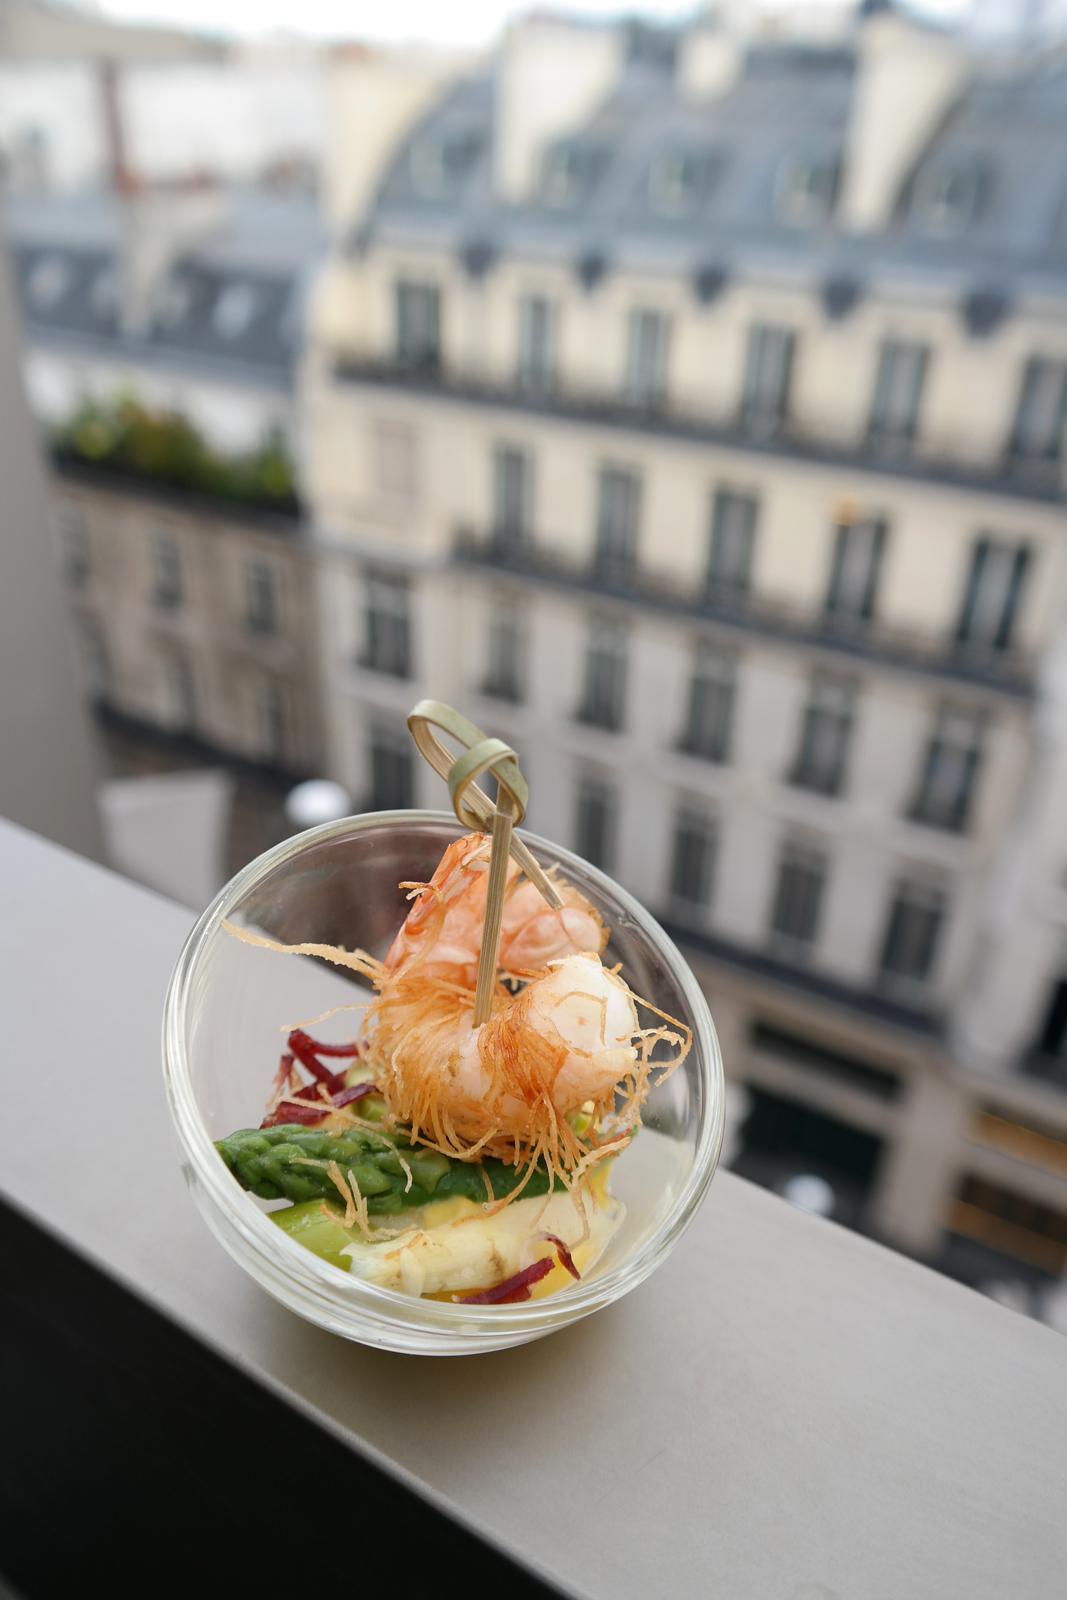 Langoustine-et-asperge-verte-et-blanche-en-vinaigrette-viande-des-grisons-carte-restaurant-Le-W-Ludovic-Bonnveille-Hôtel-Warwick-Champs-Elysées-photo-by-united-states-of-paris-blog